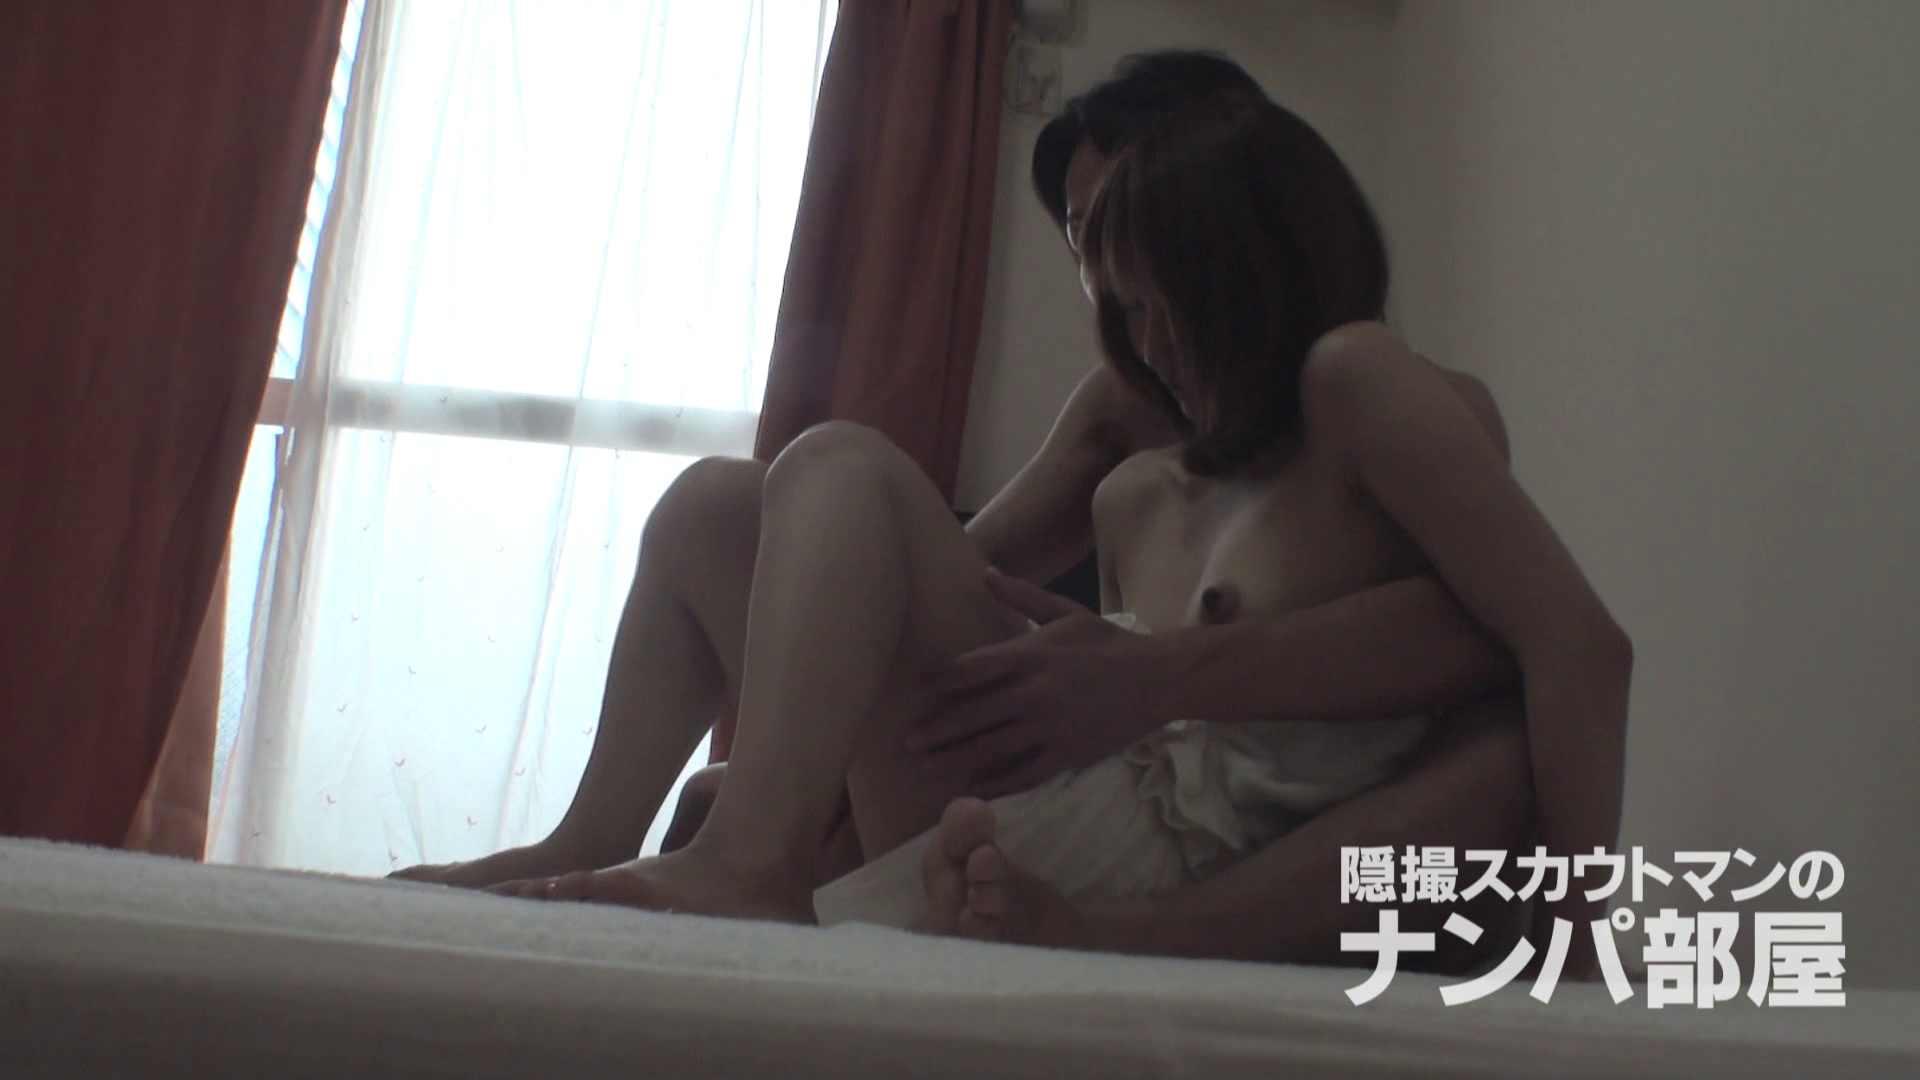 隠撮スカウトマンのナンパ部屋~風俗デビュー前のつまみ食い~ sii 隠撮  84連発 62